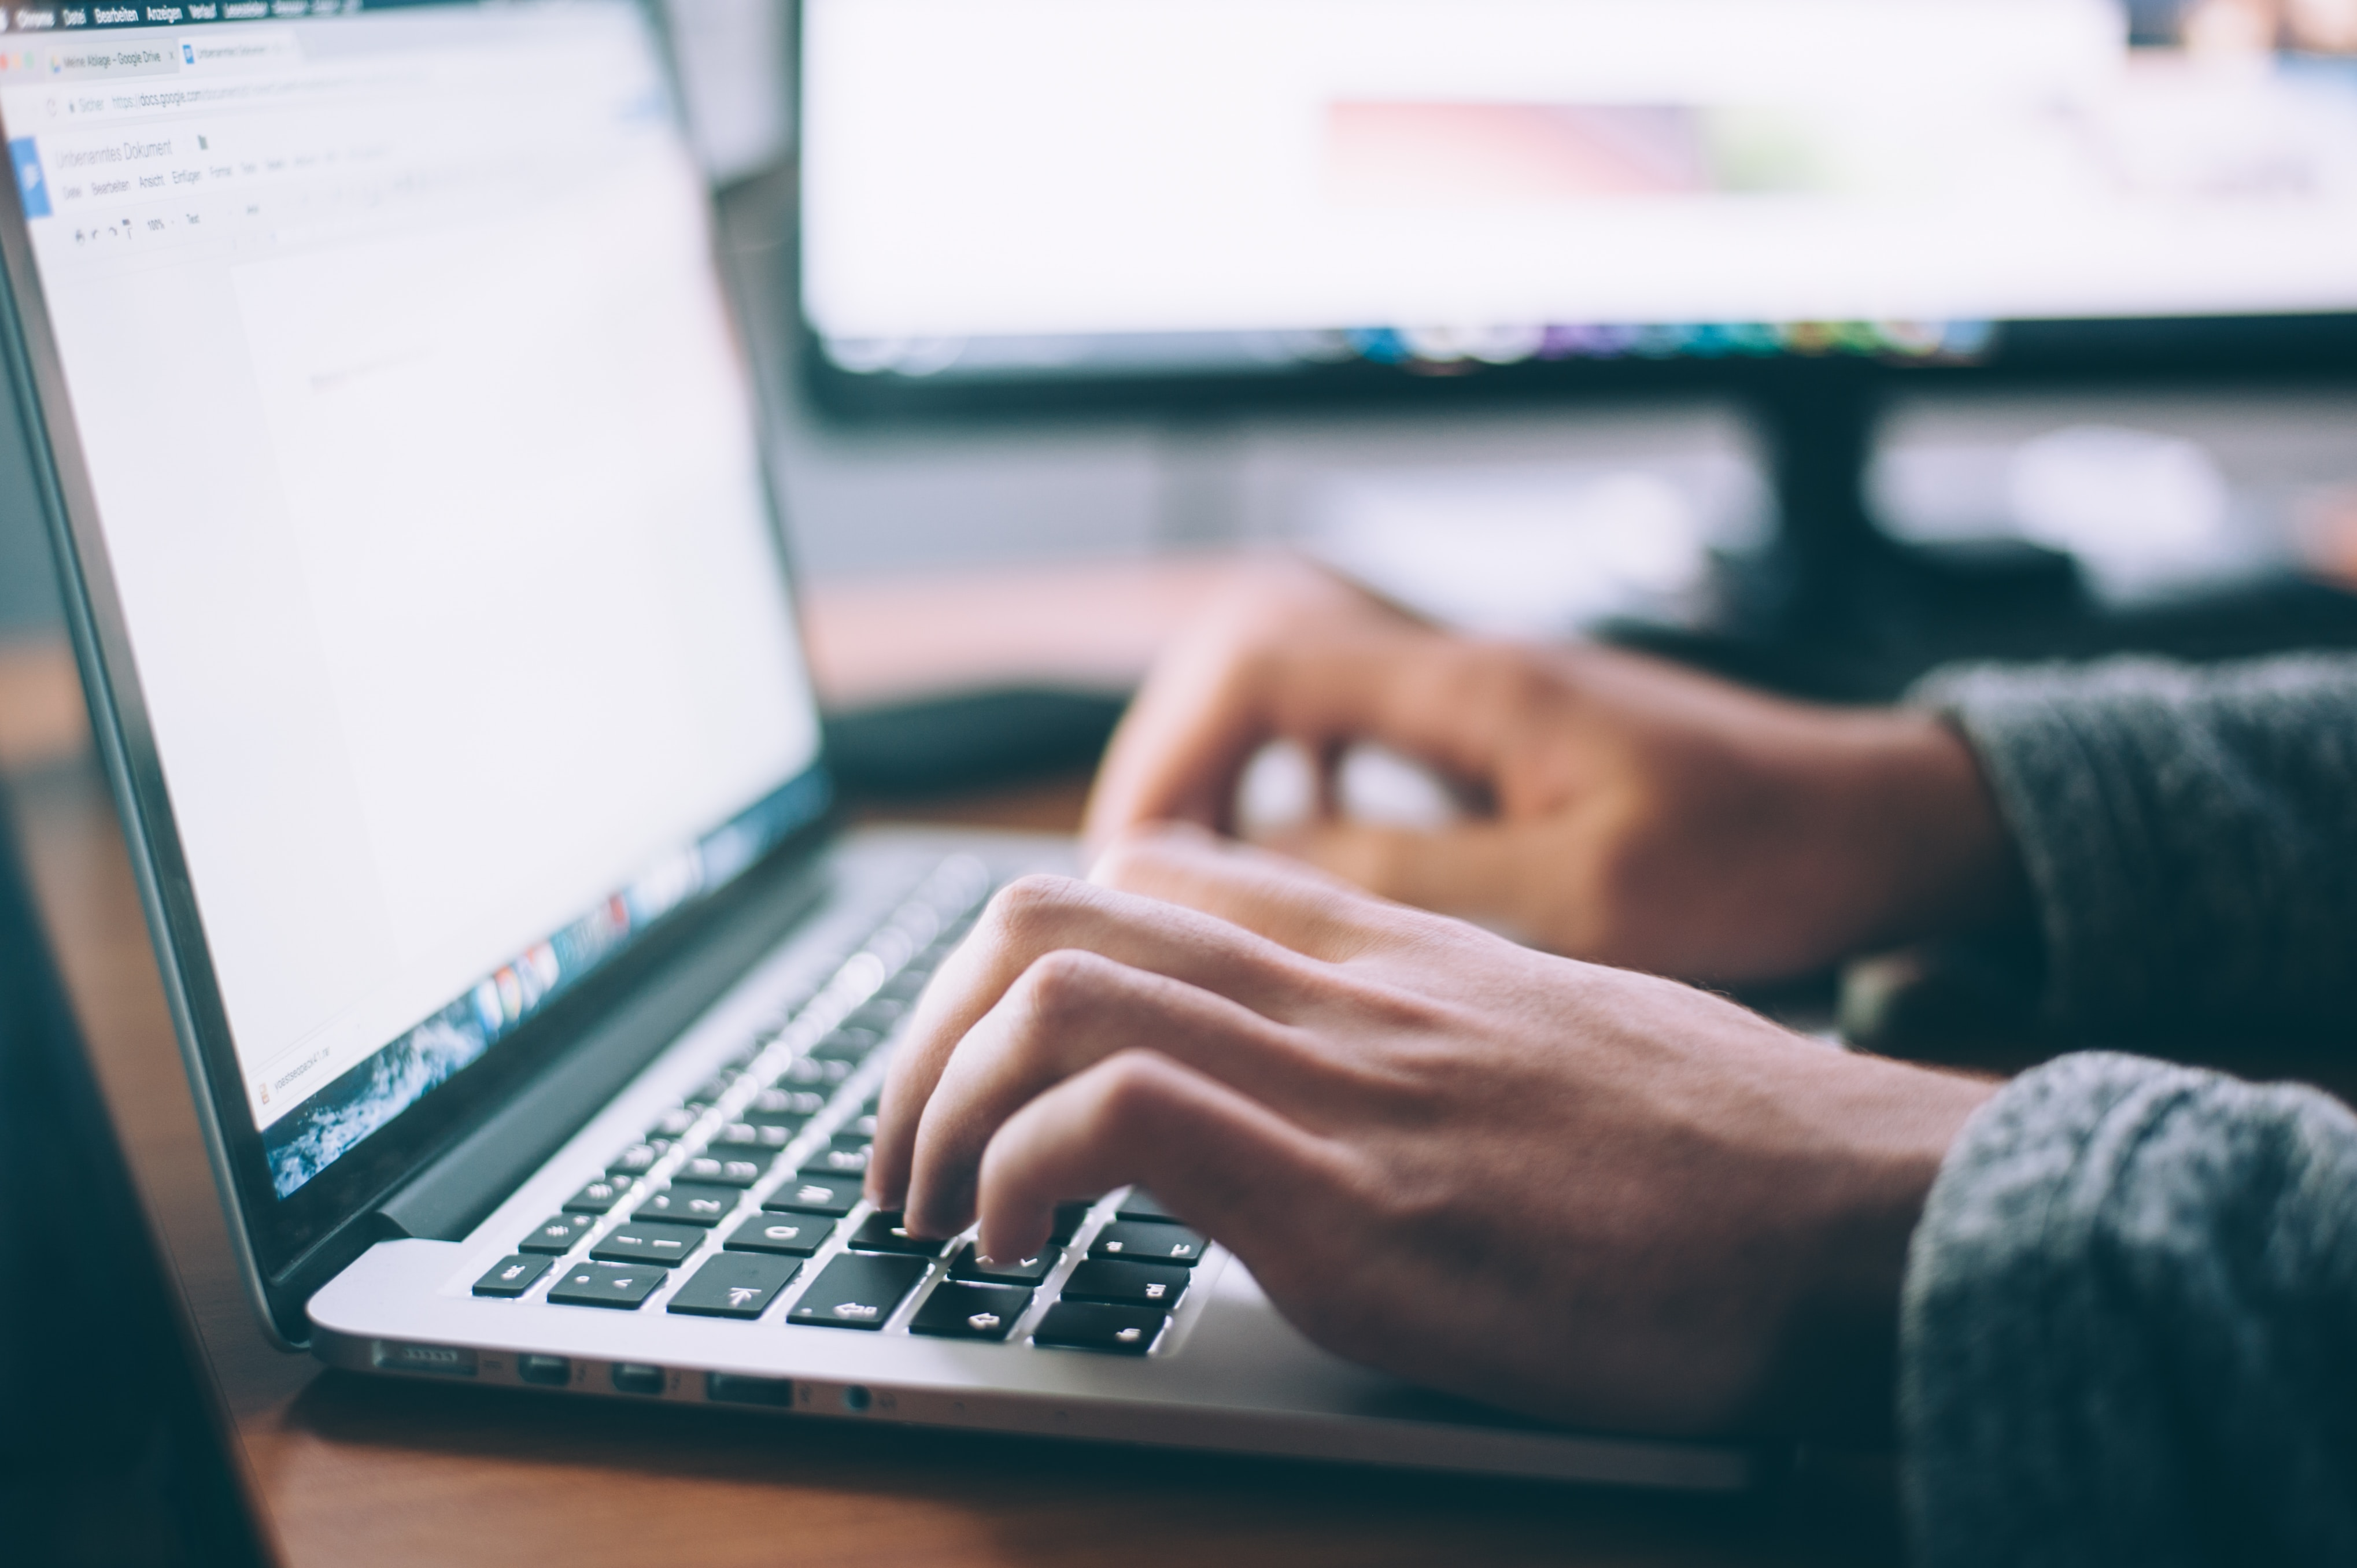 Macdator med händer på tangentbordet